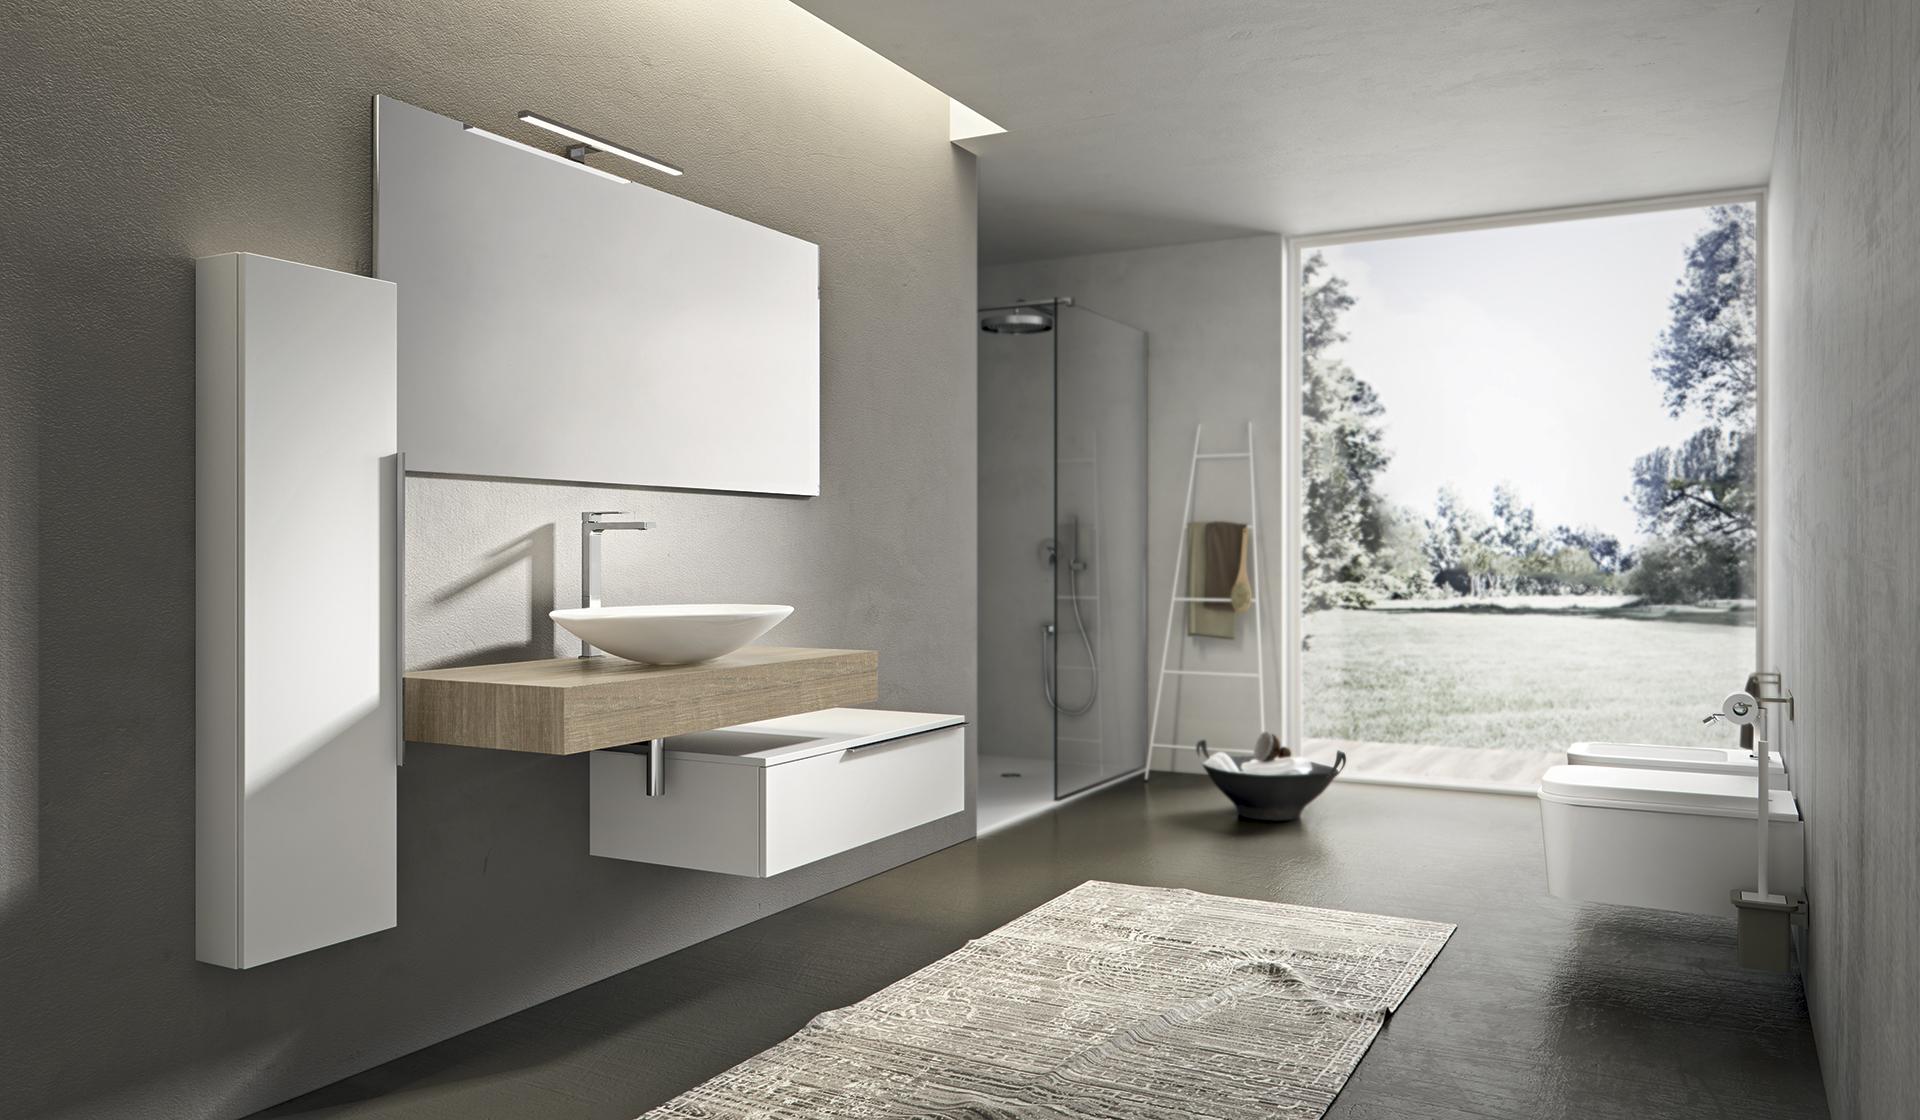 Mobili bagno ab mobili - Mobili del bagno ...